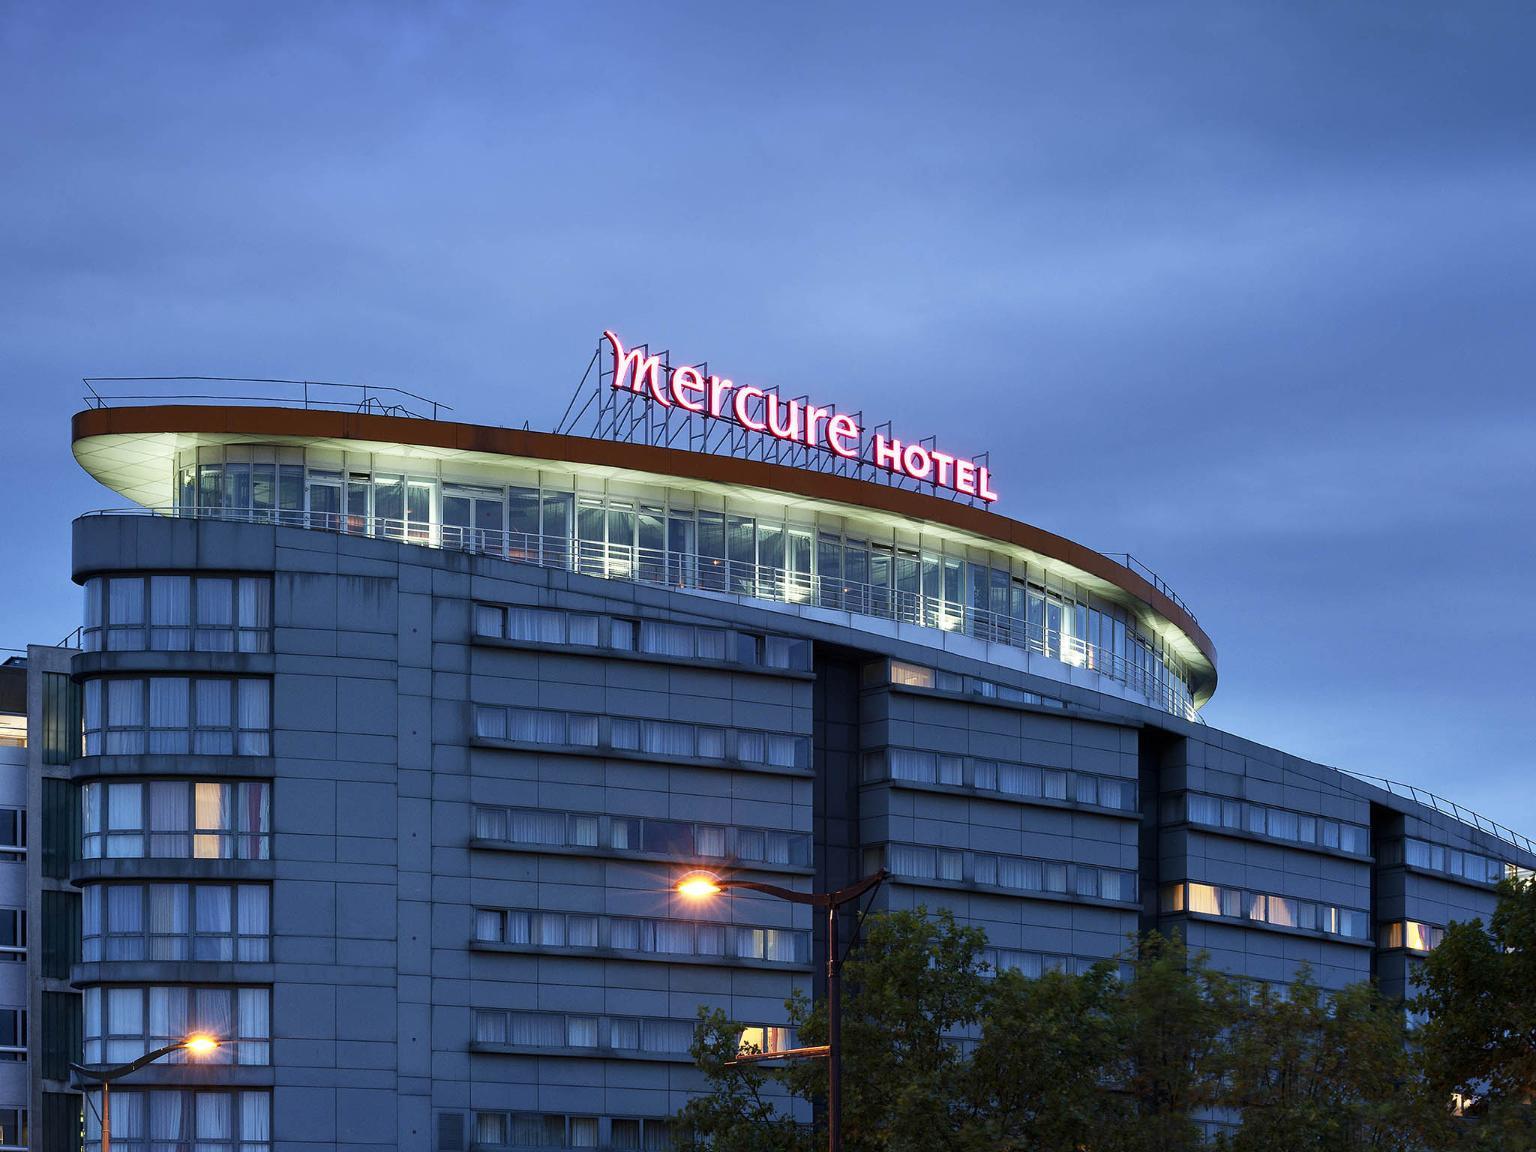 Hotel mercure paris 19 philharmonie la villette h tel for Porte de pantin salon